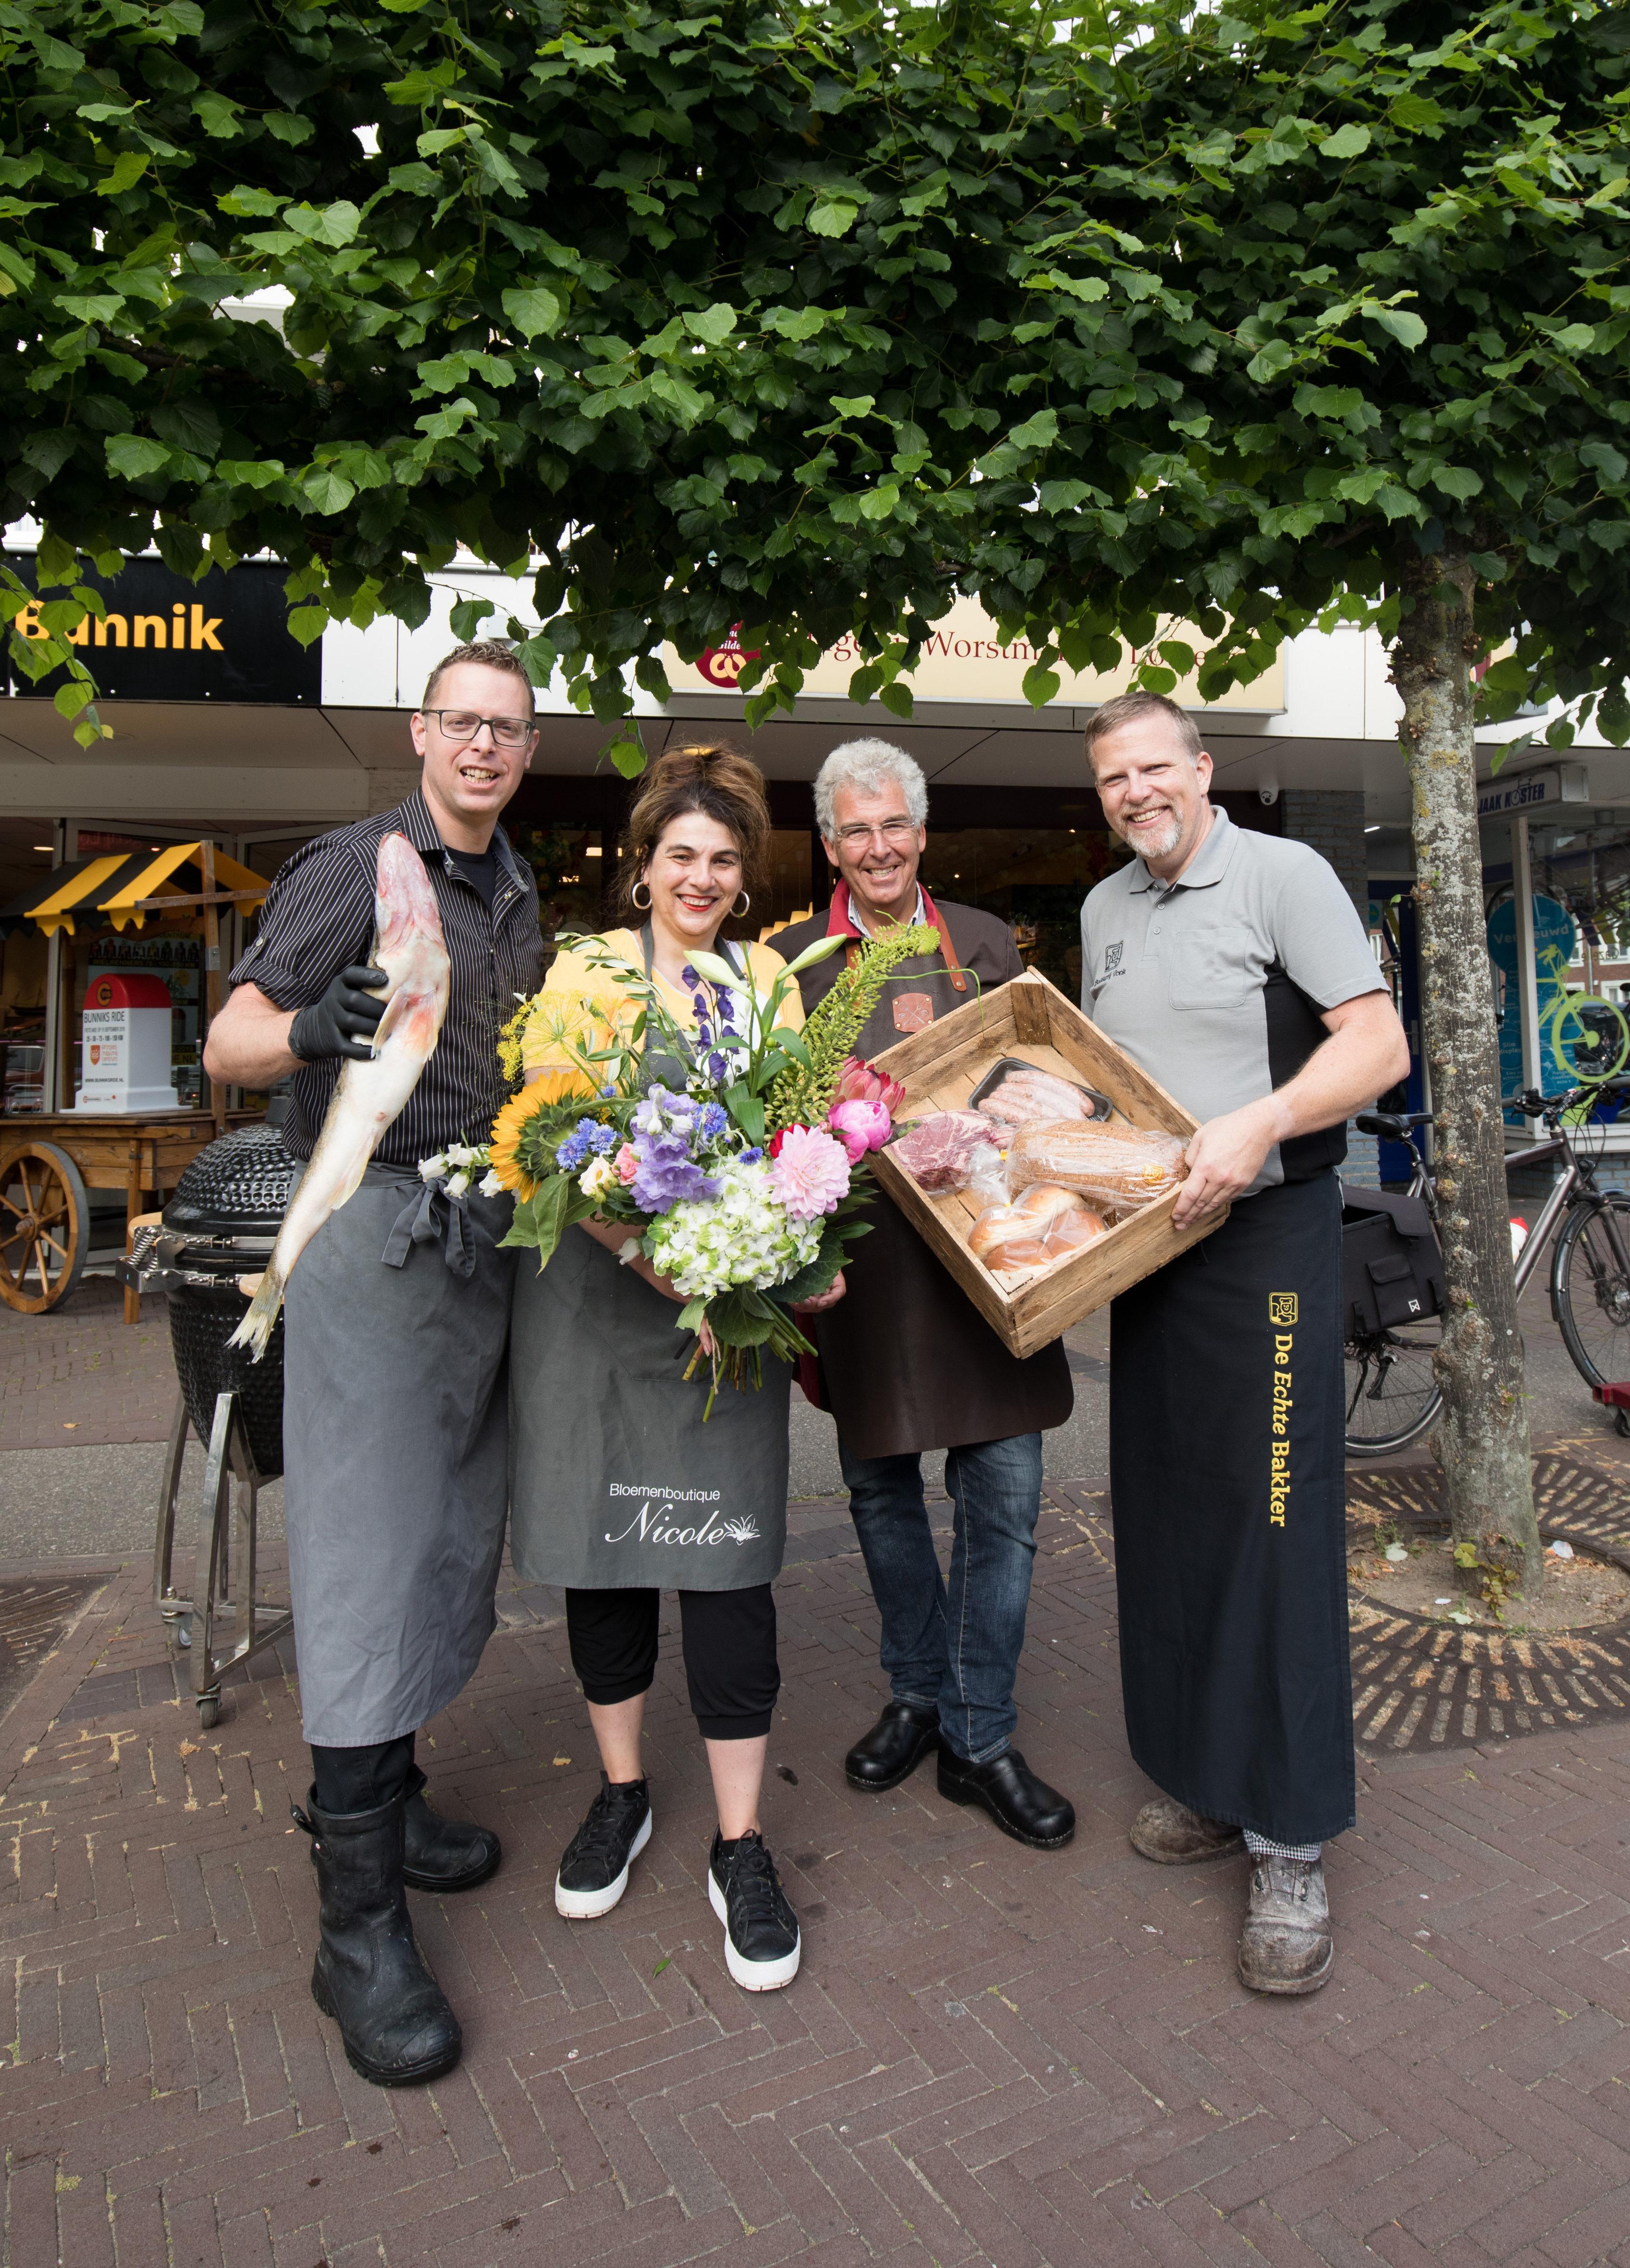 Slager Lotgering en bakker Vonk samen met Chris Vis van de Vishandel en de bloemiste van Bloemenboutique Nicole, die allemaal deelnemen aan het project.